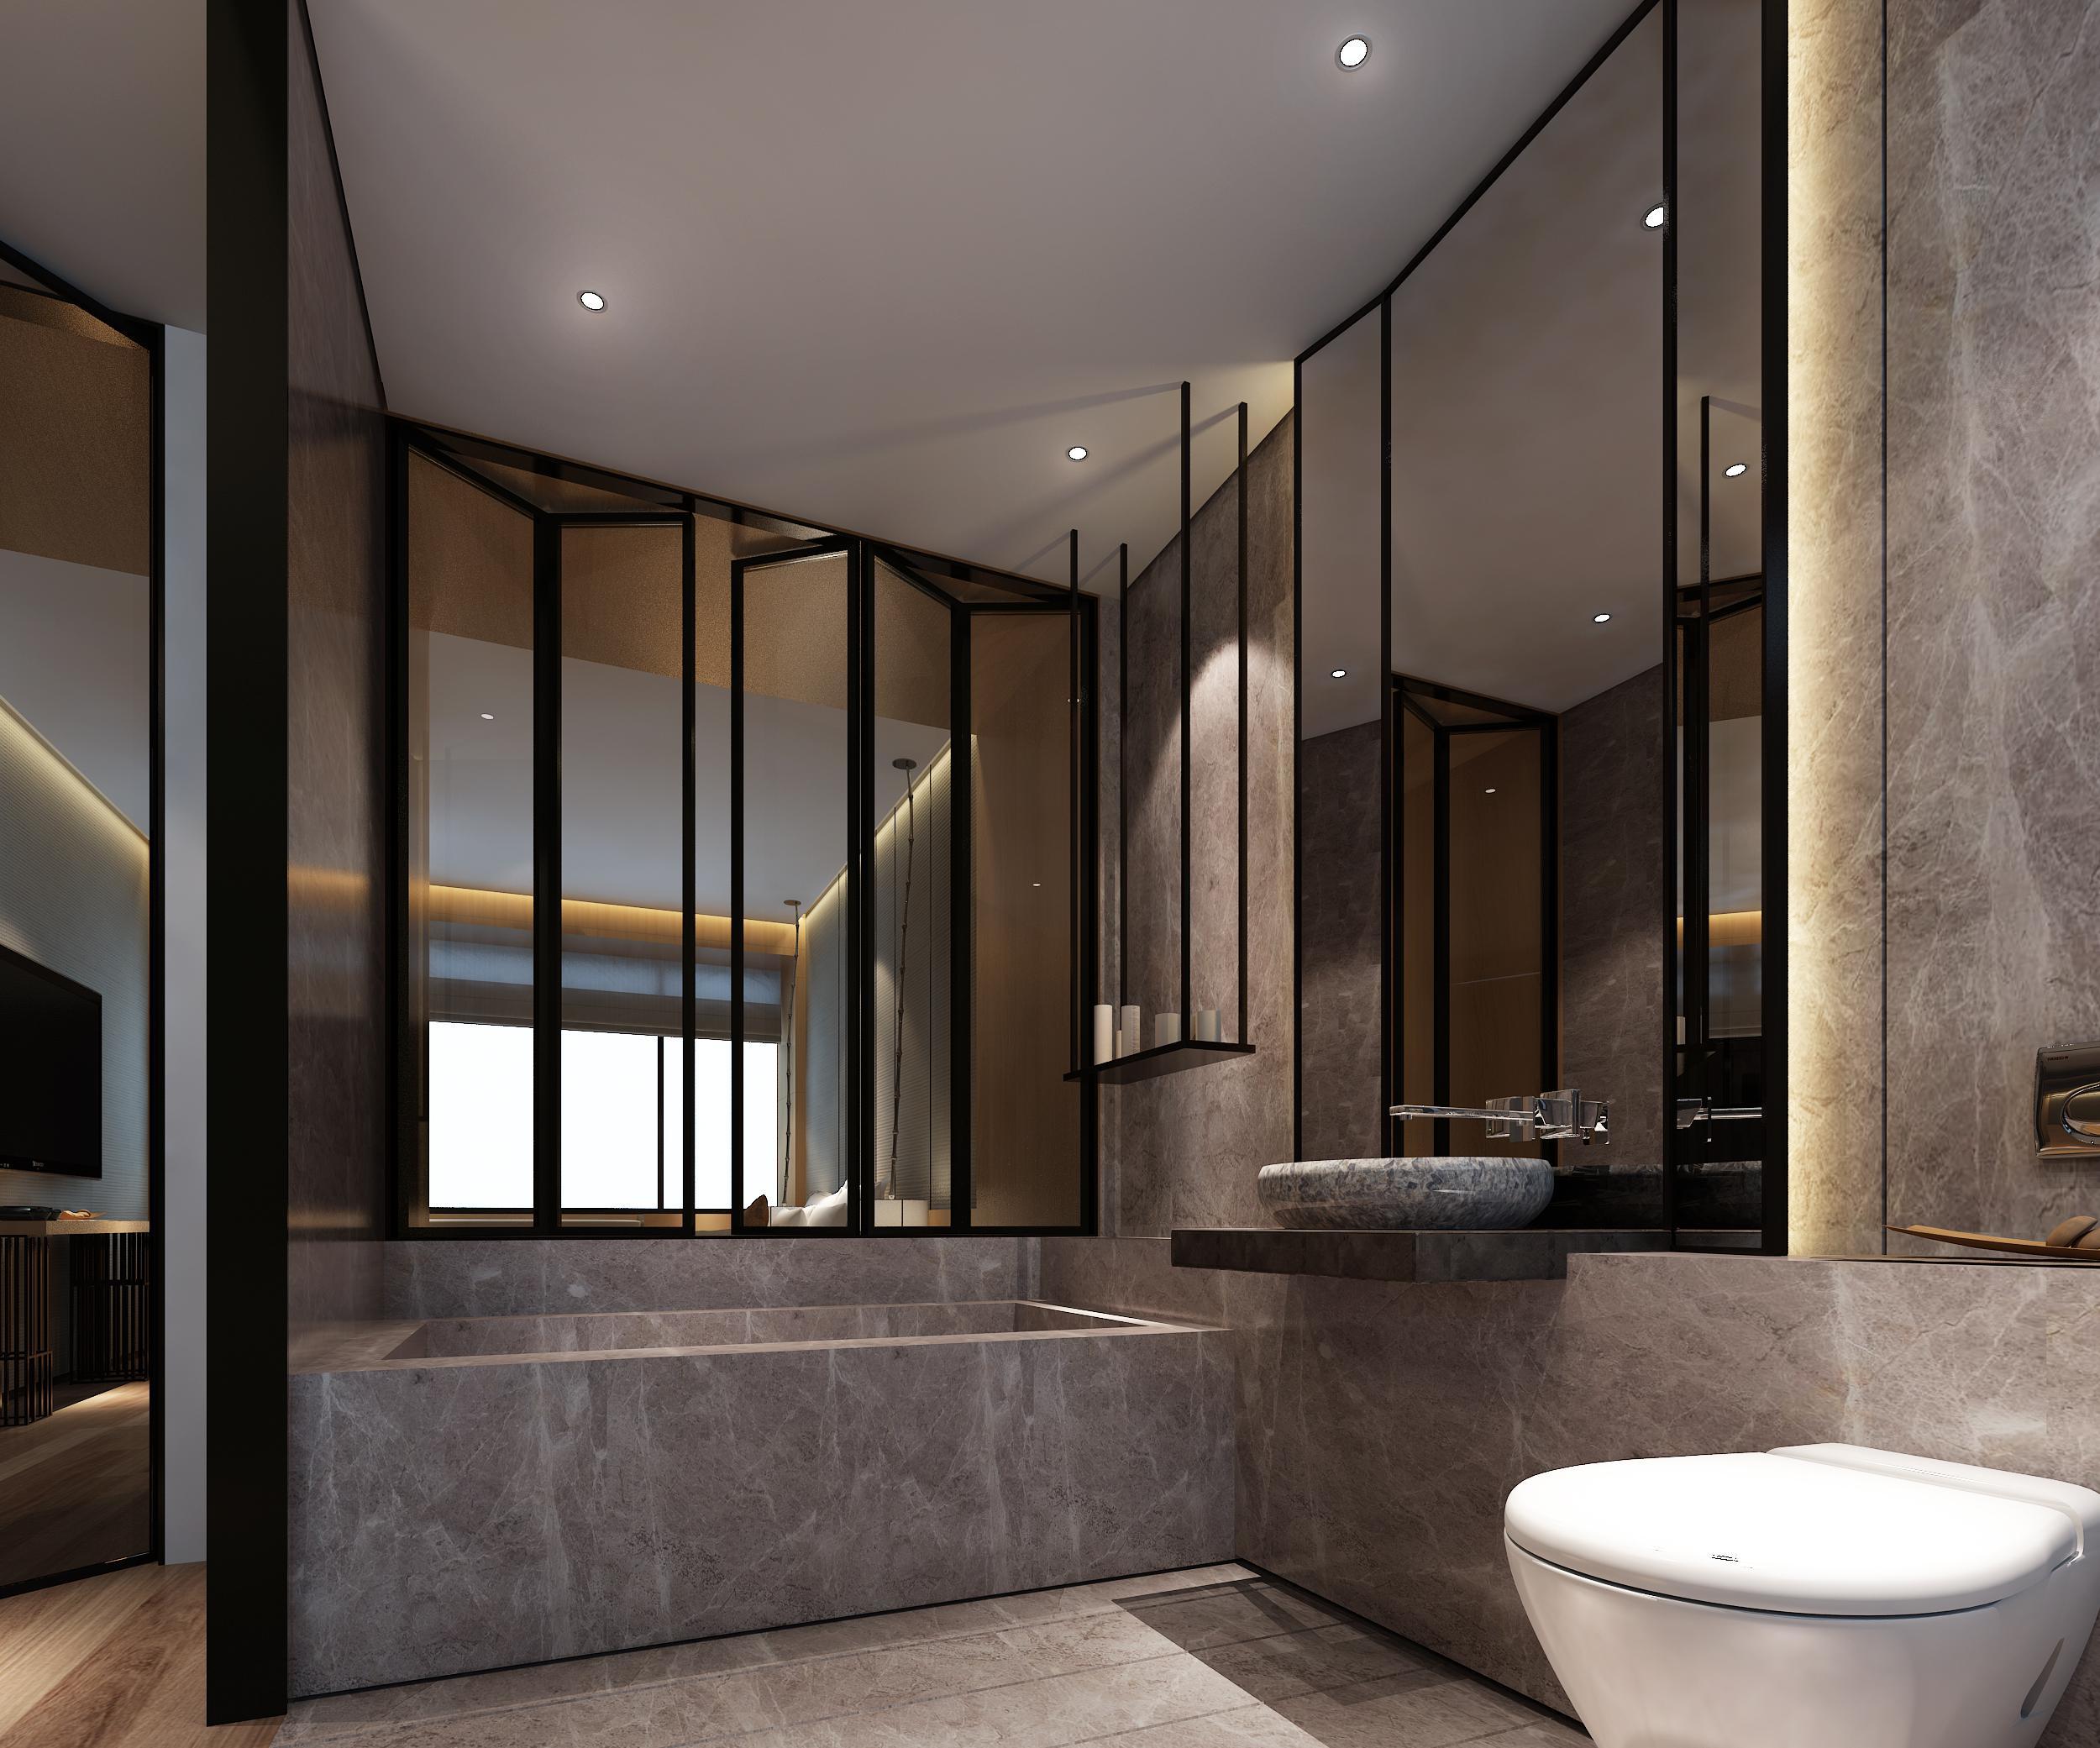 上海保利联排别墅,天津保利酒店式公寓